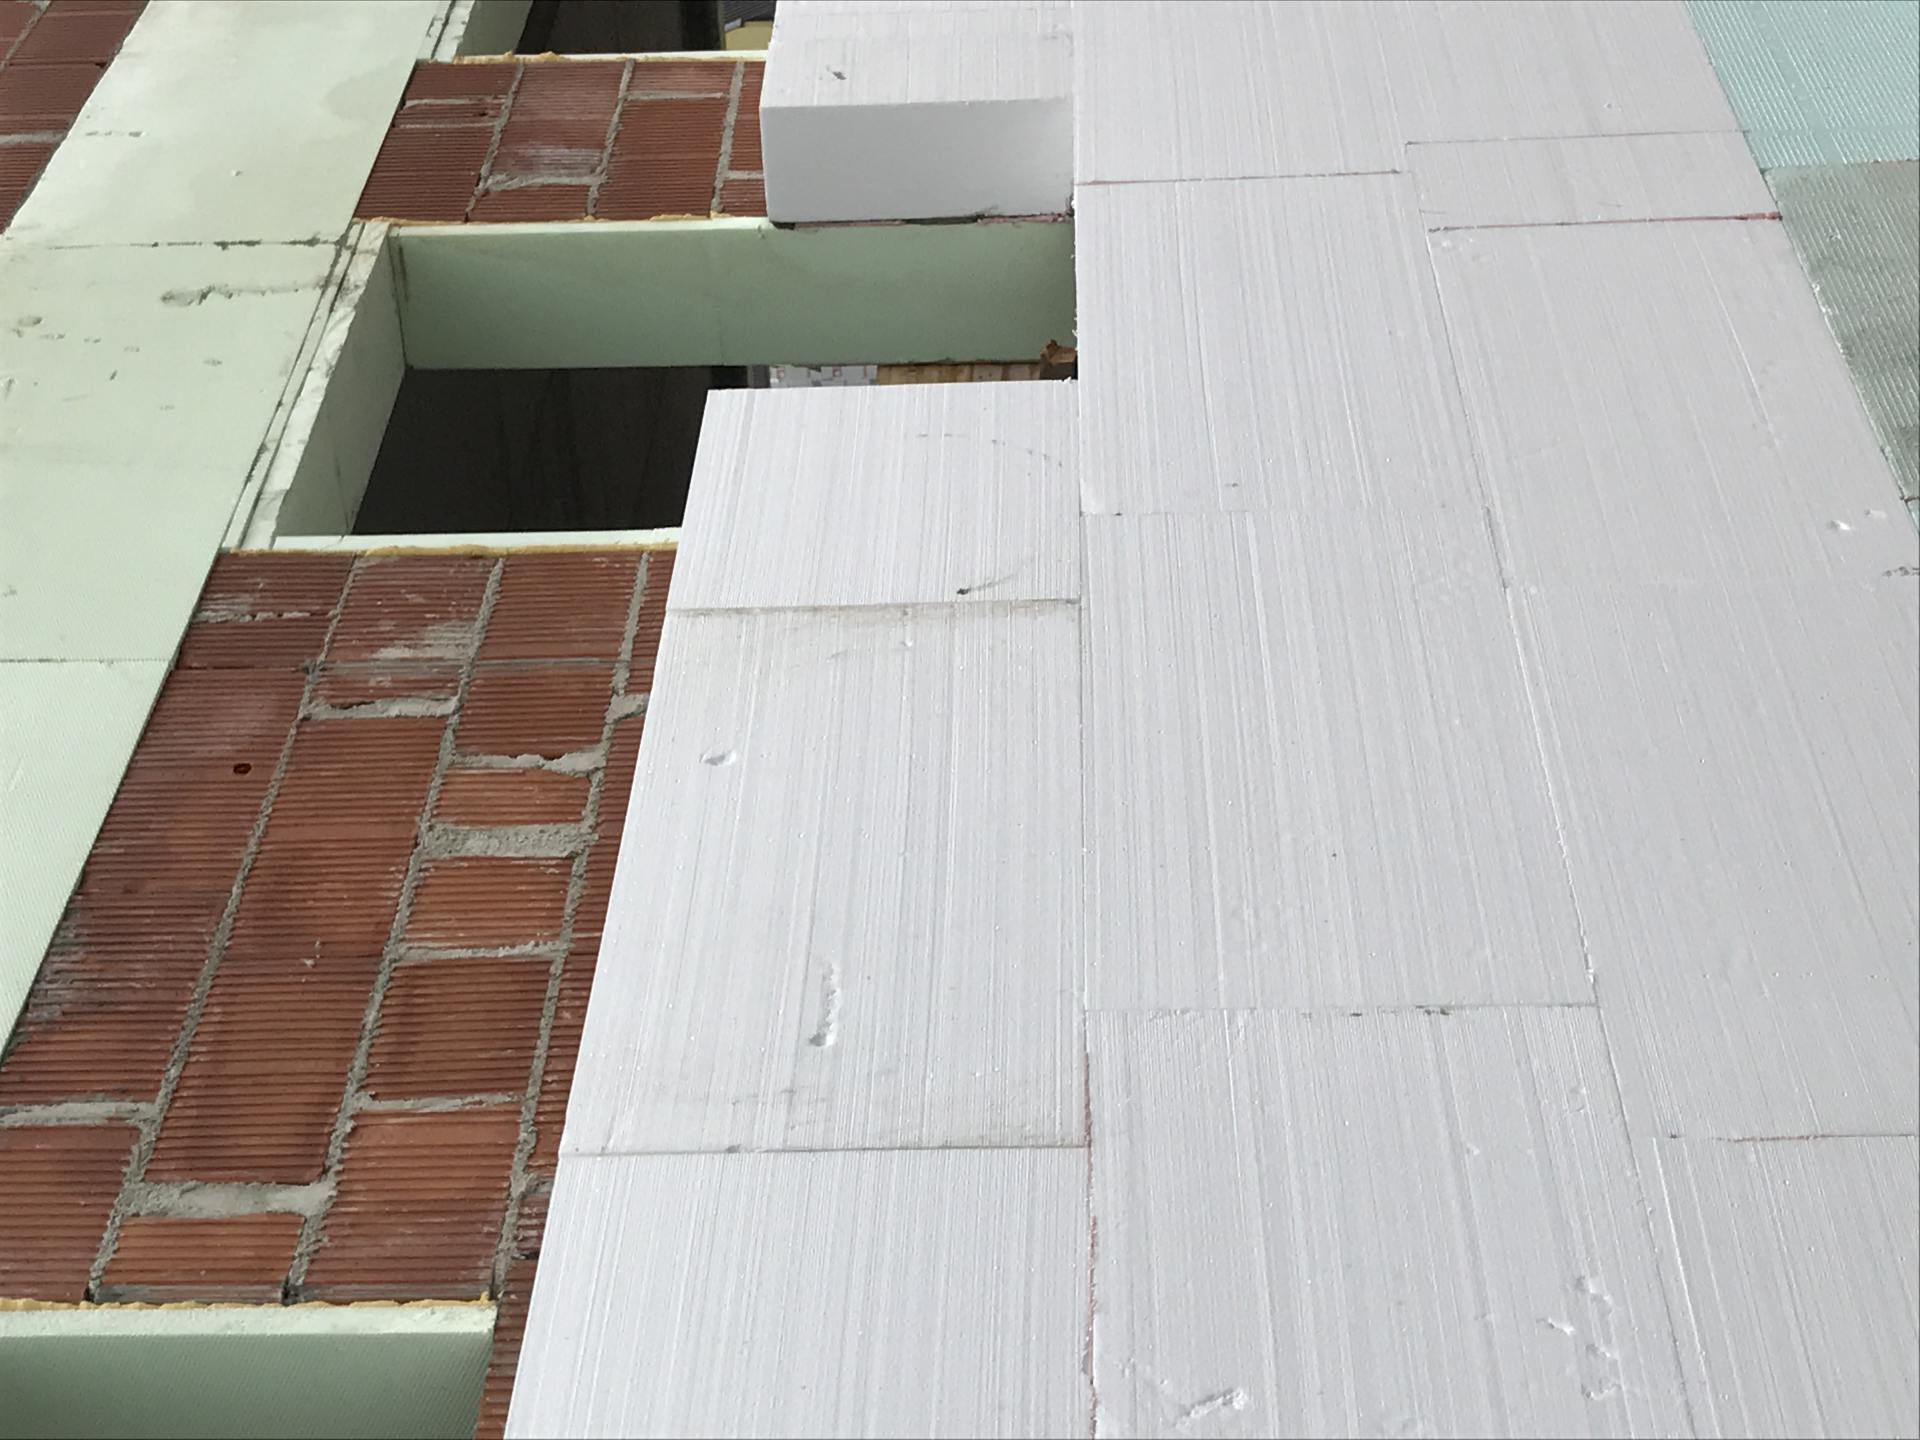 Spekter In d.o.o. - Svetovanje in inženiring, novogradnje, gradbena in fasaderska dela, urejanje okolice, sanacija obstoječih objektov IMG_0889